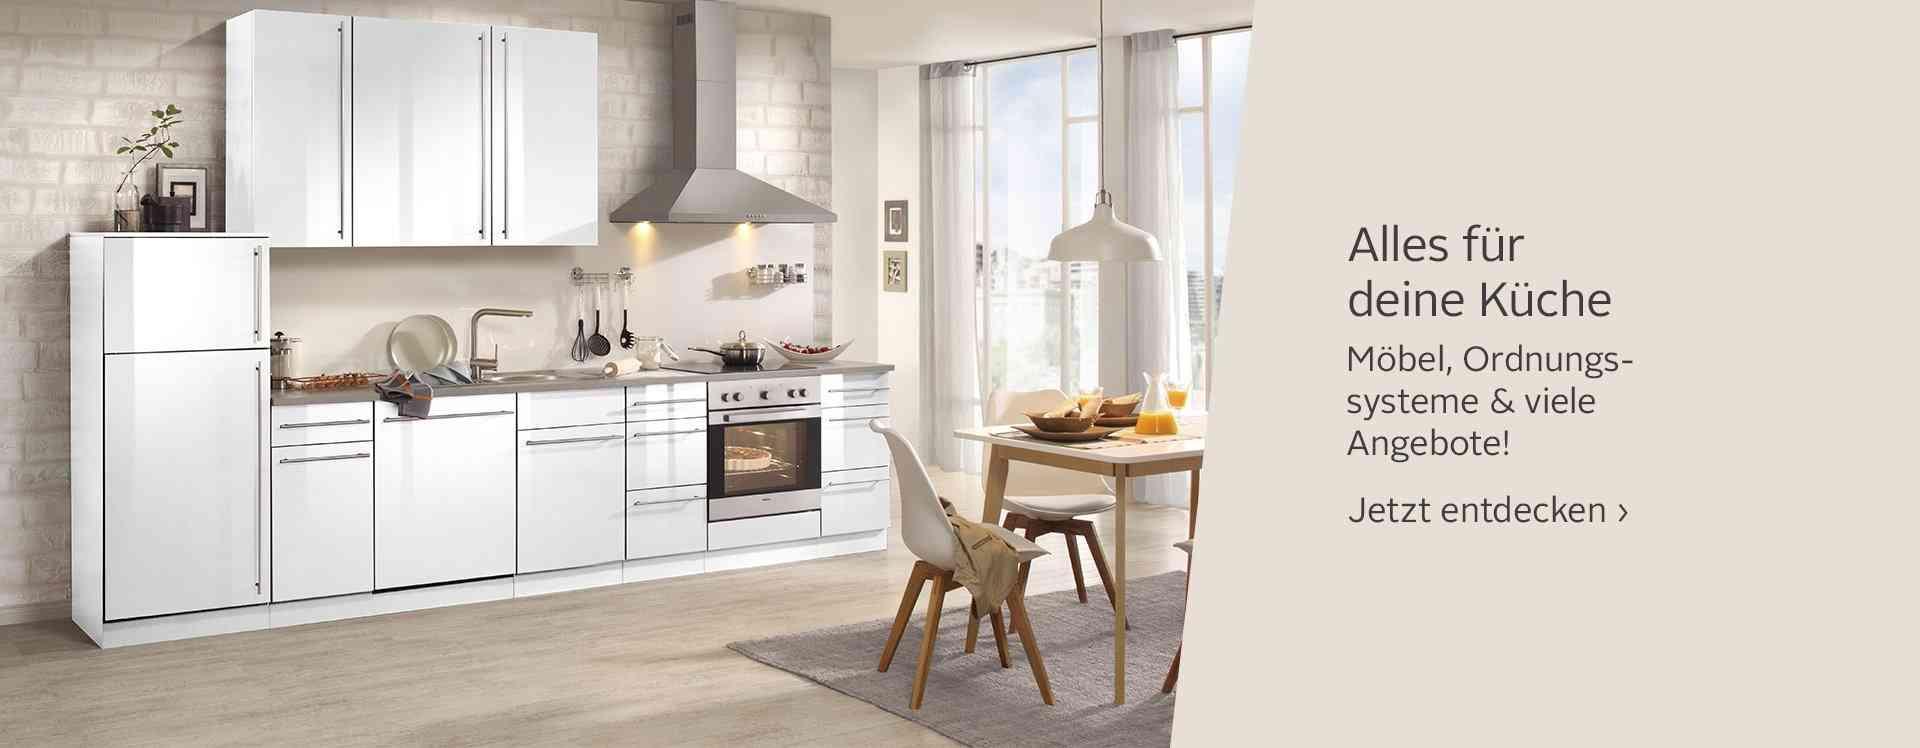 Moderne Кухонная мебель, praktische Küchenarmaturen und nützliche Ordnungssysteme für Кухня und Для дома.